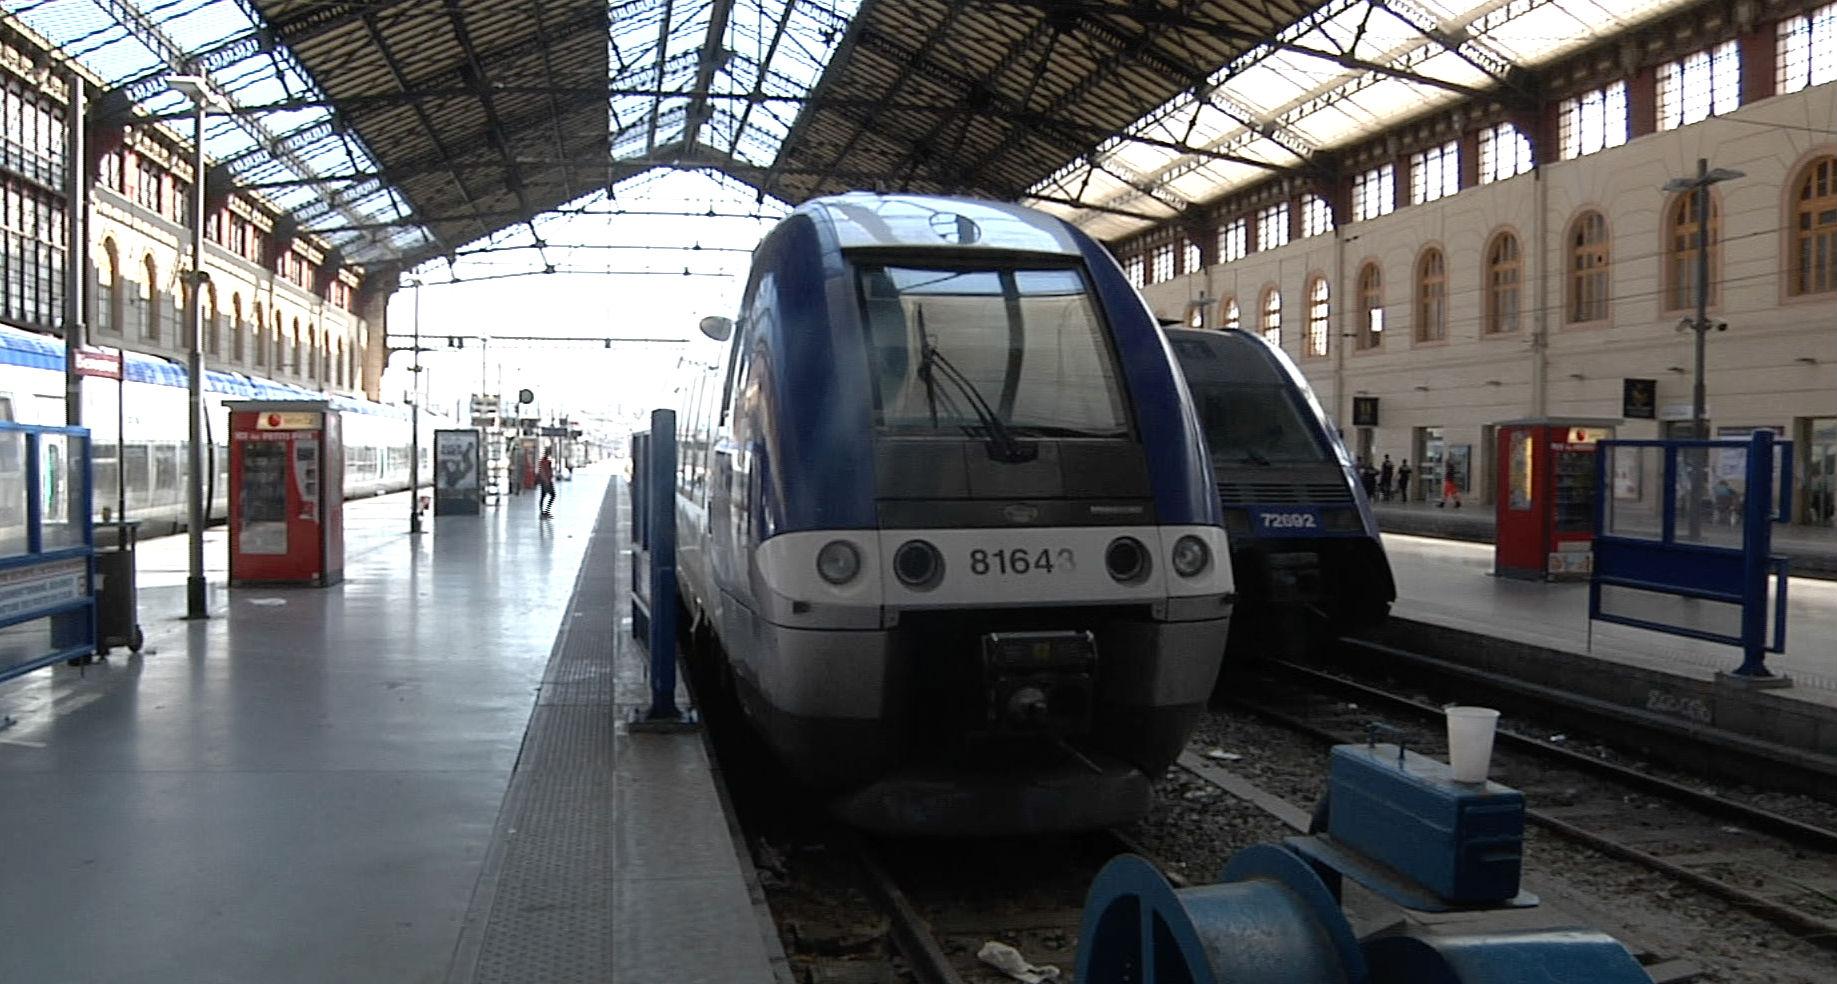 Urbanisme la reconfiguration de la gare saint charles - Distance gare st charles vieux port marseille ...